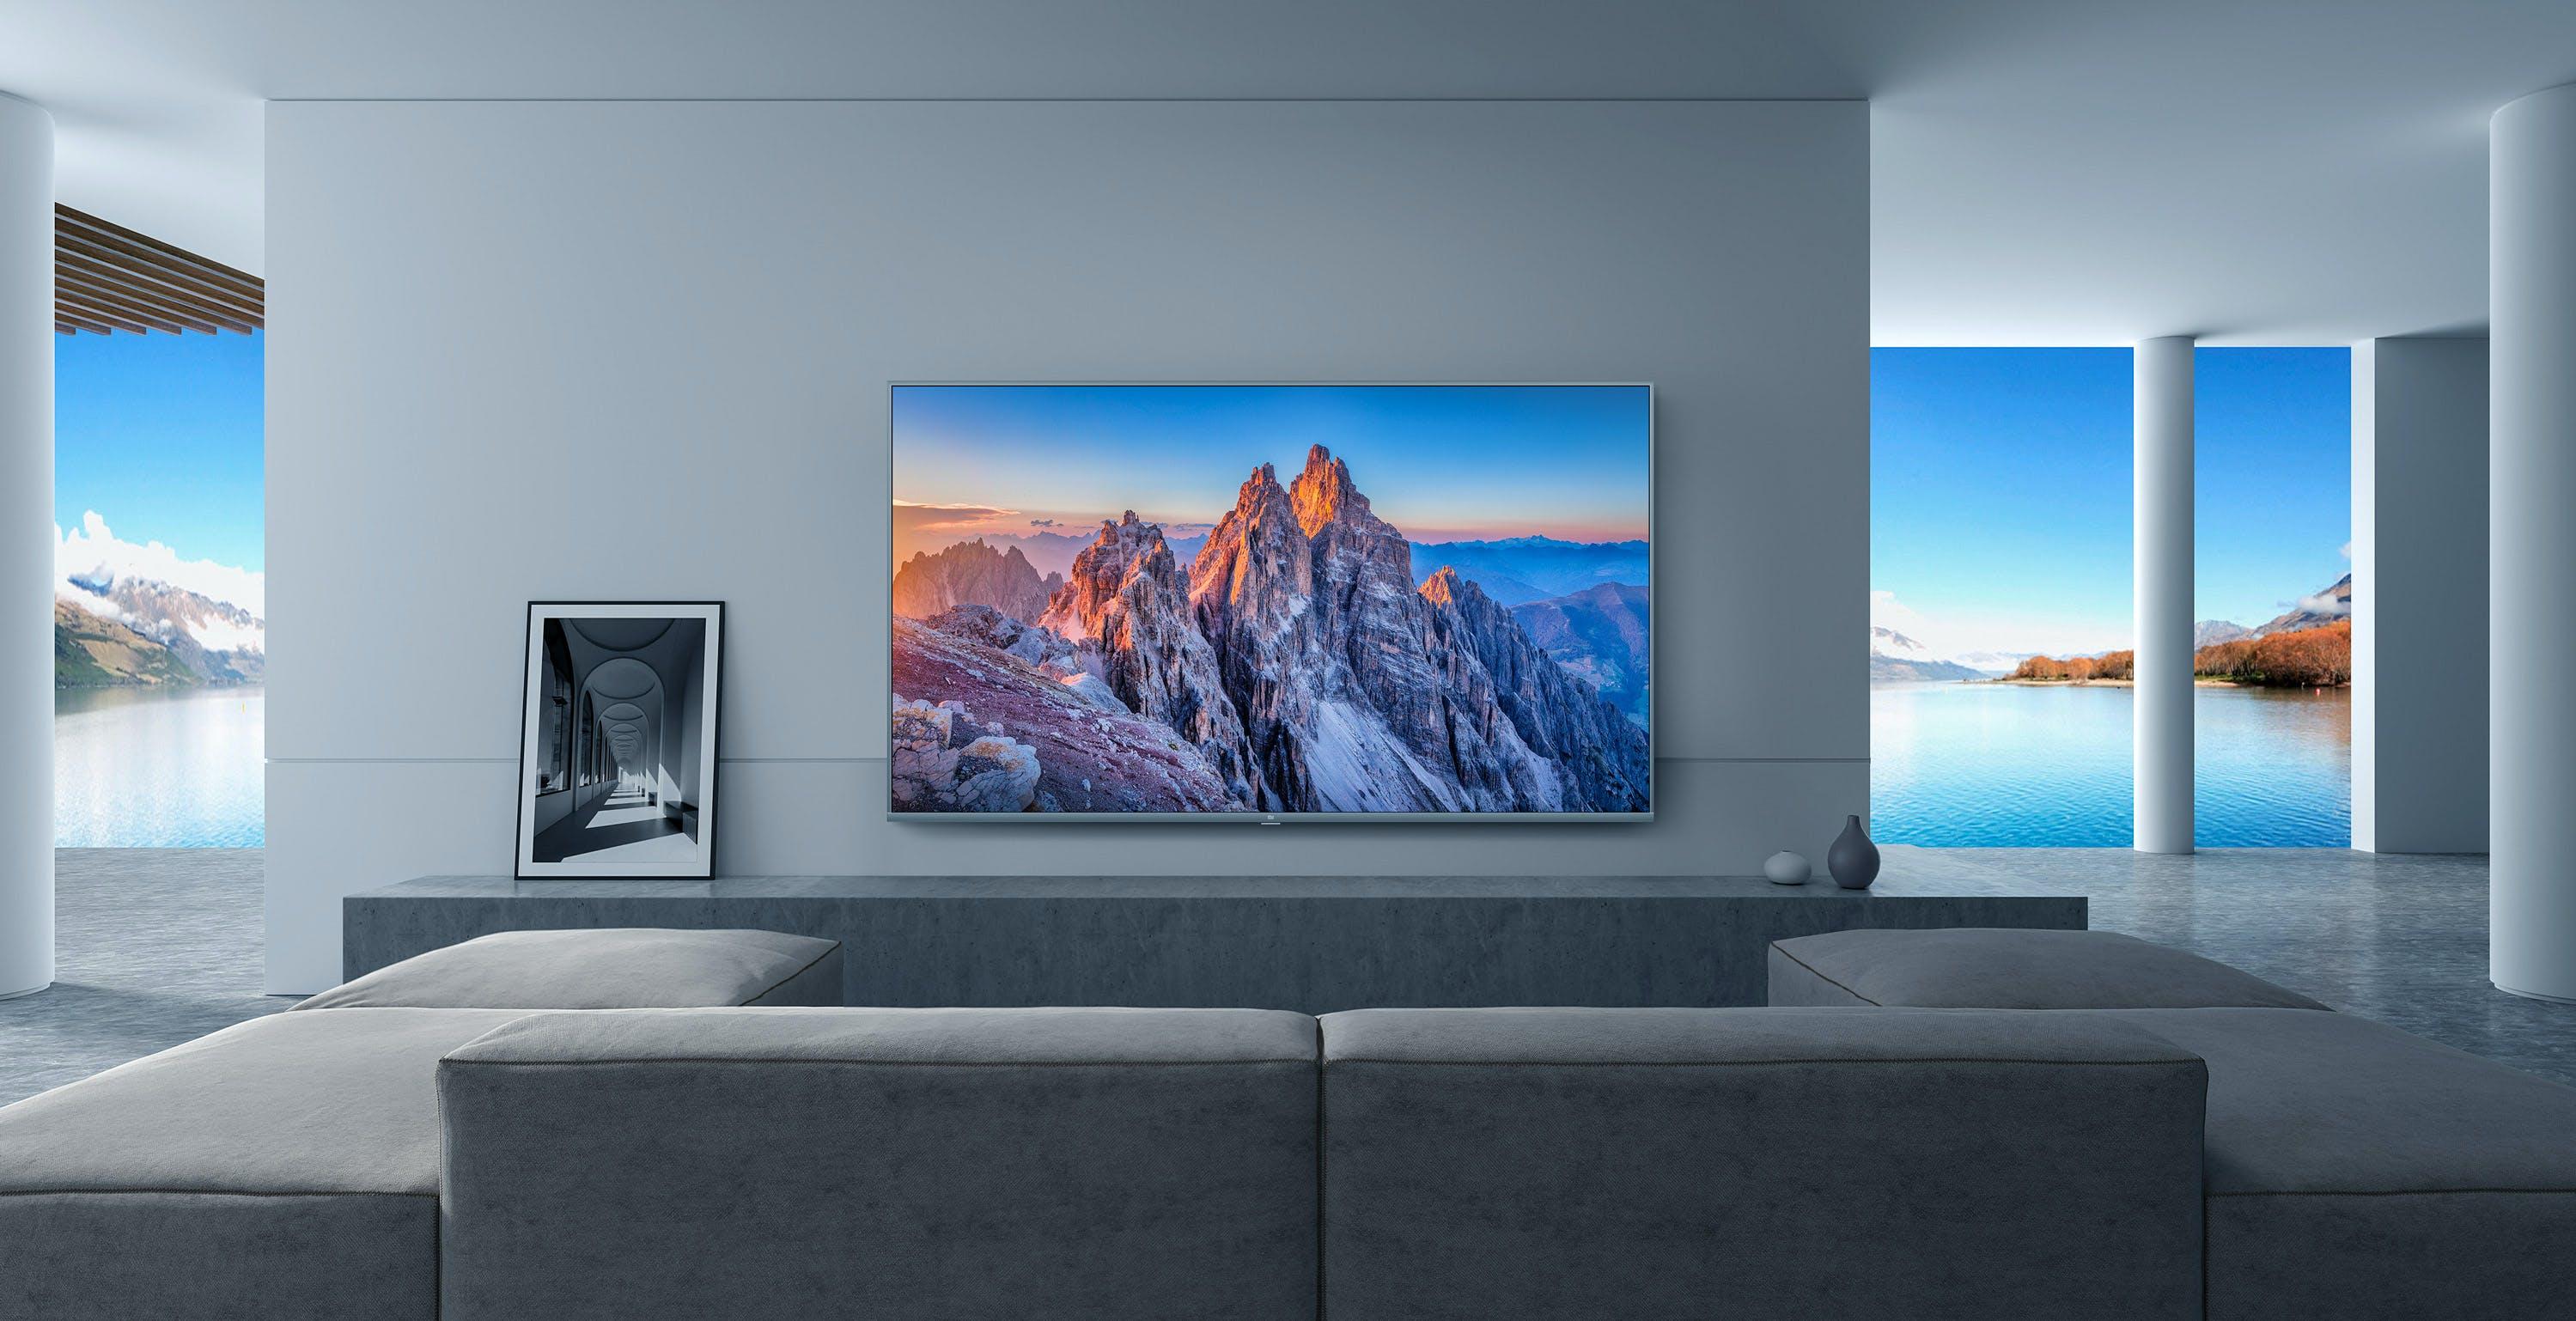 """TV Xiaomi, disponibile il 65"""" a 699 euro. Aumenta il prezzo e sparisce la promozione"""